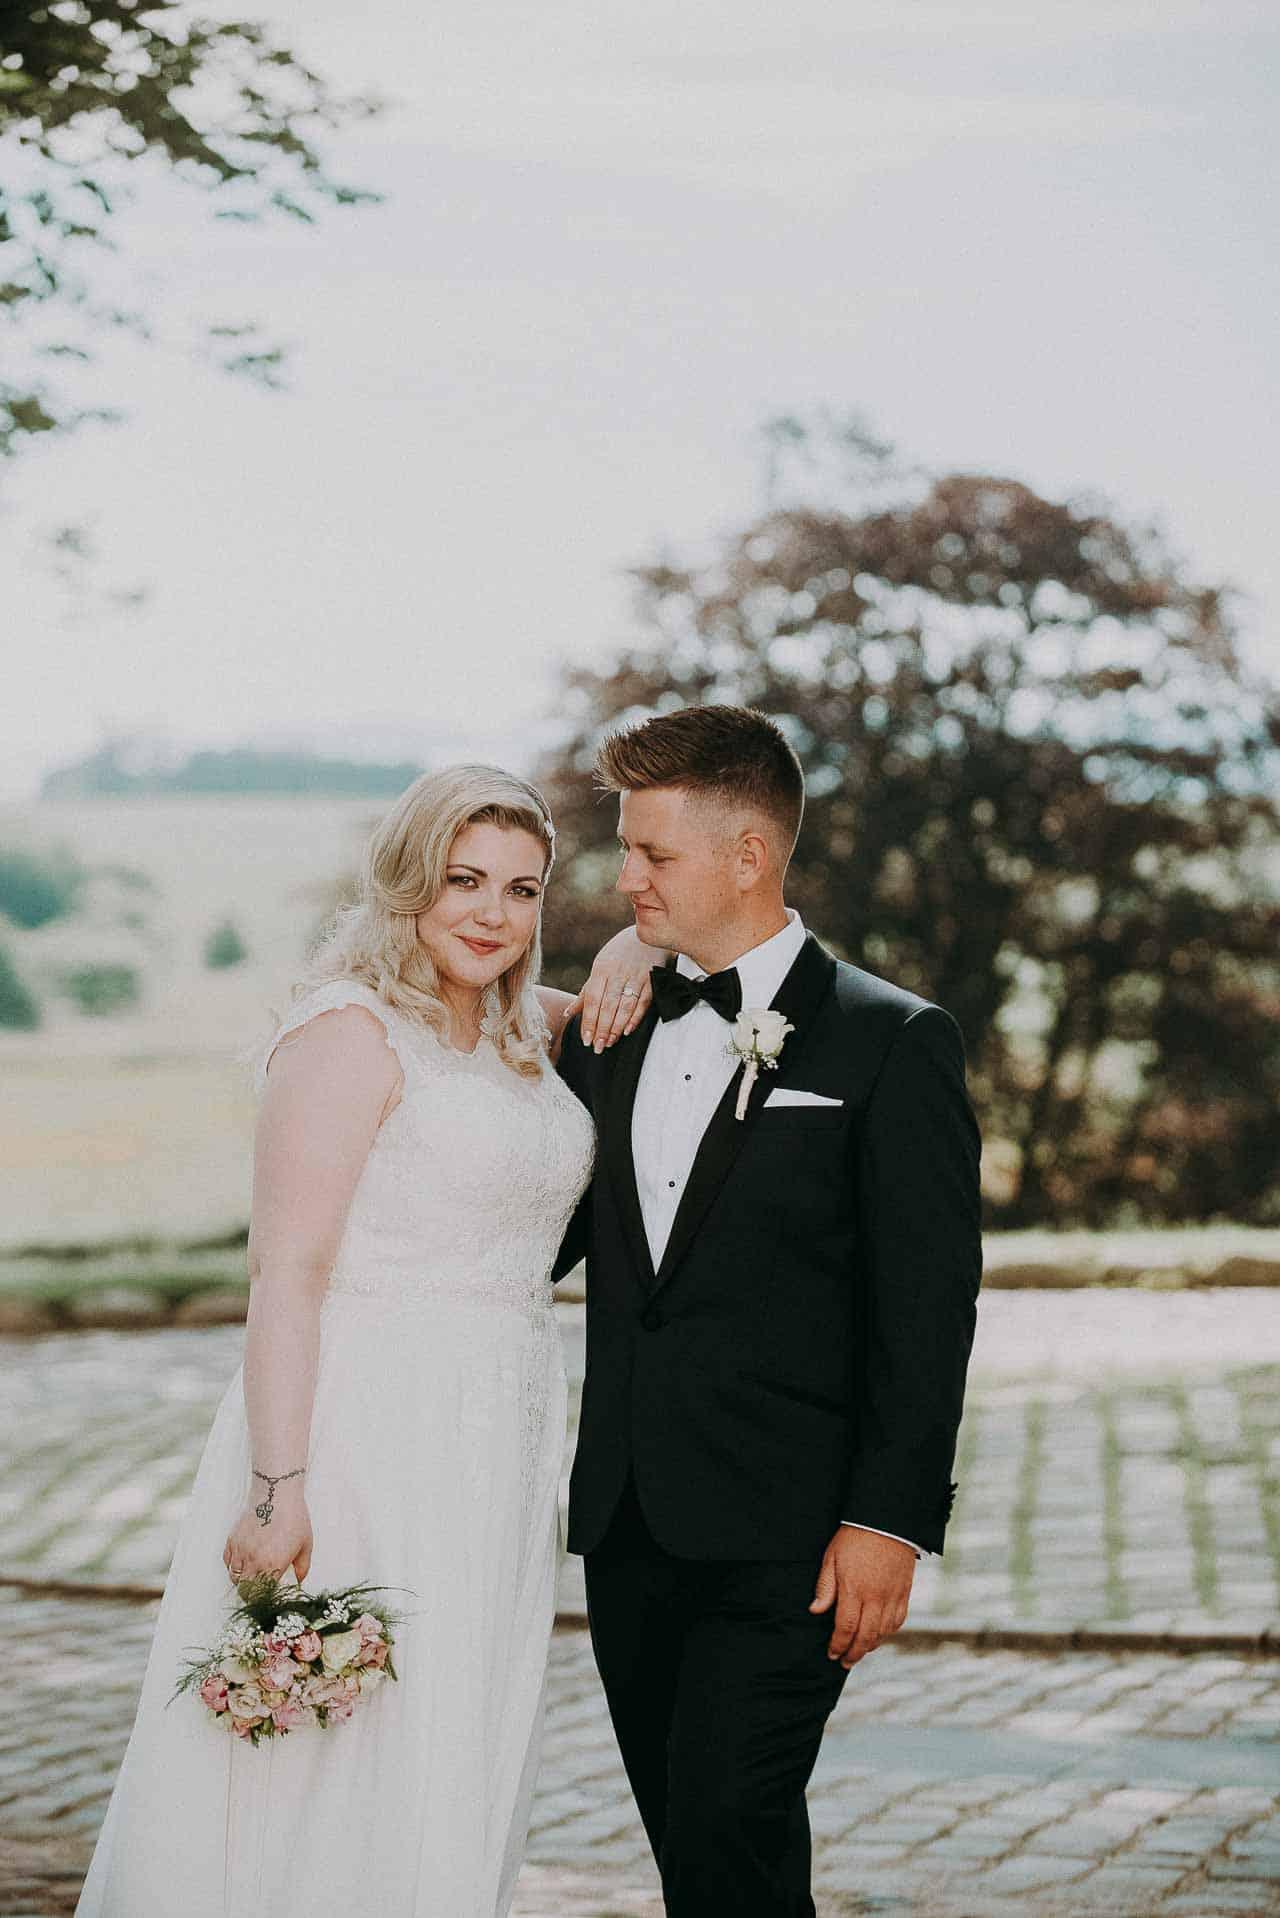 et bryllup eller anden festlig anledning